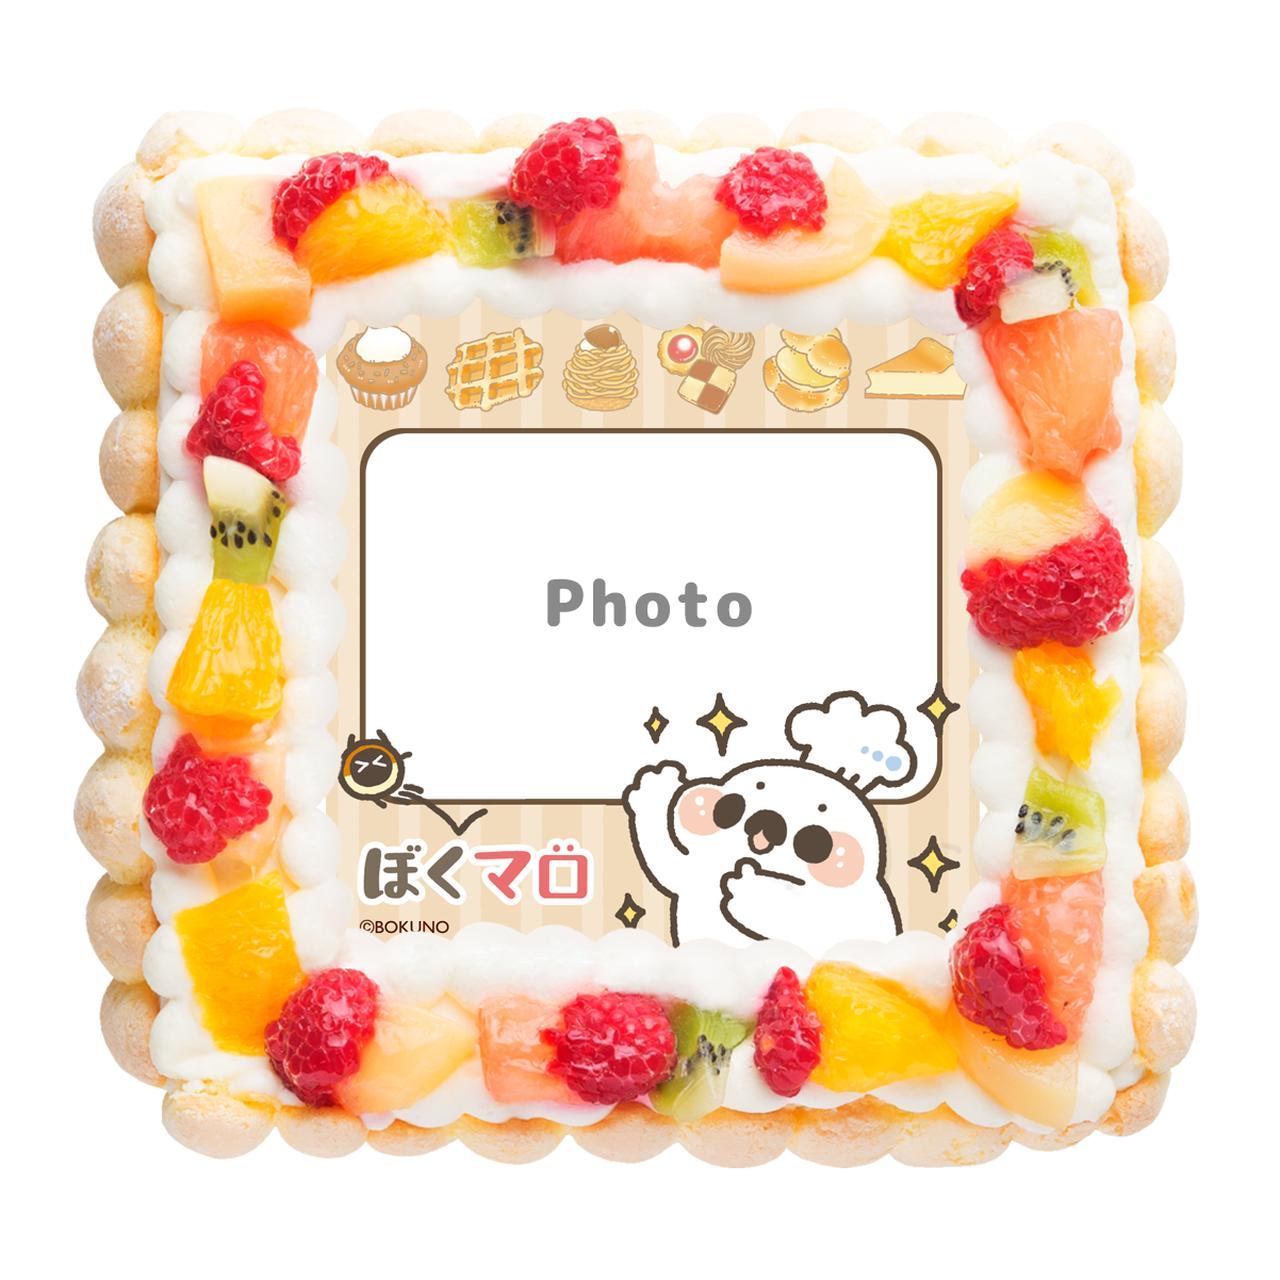 画像5: マシュマロアザラシ「マロくん」がケーキに!